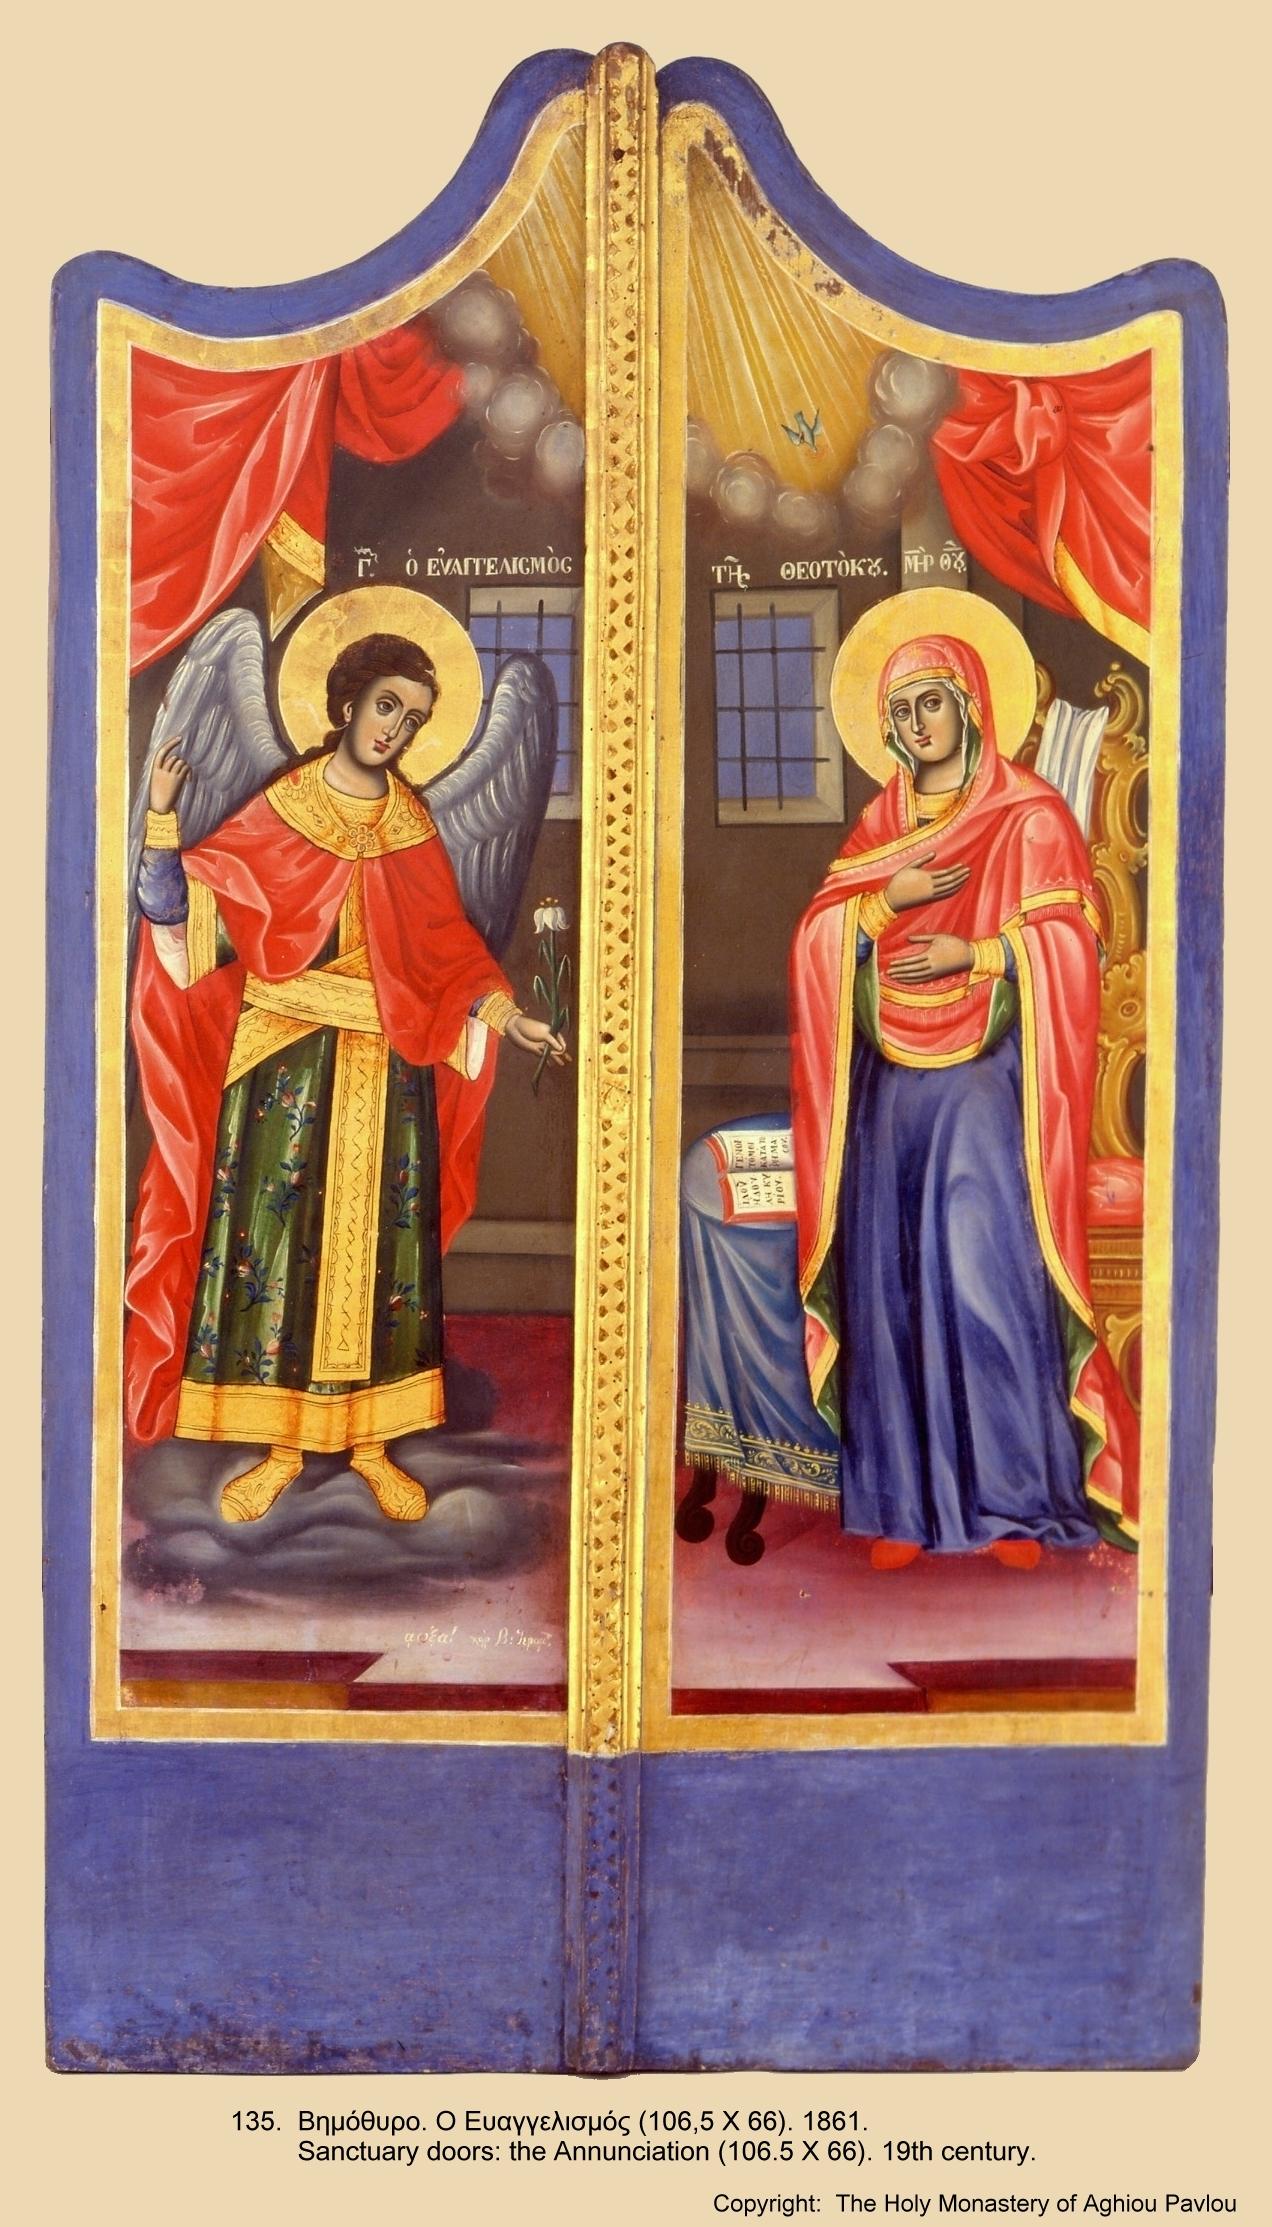 Иконы монастыря св. Павла (134)